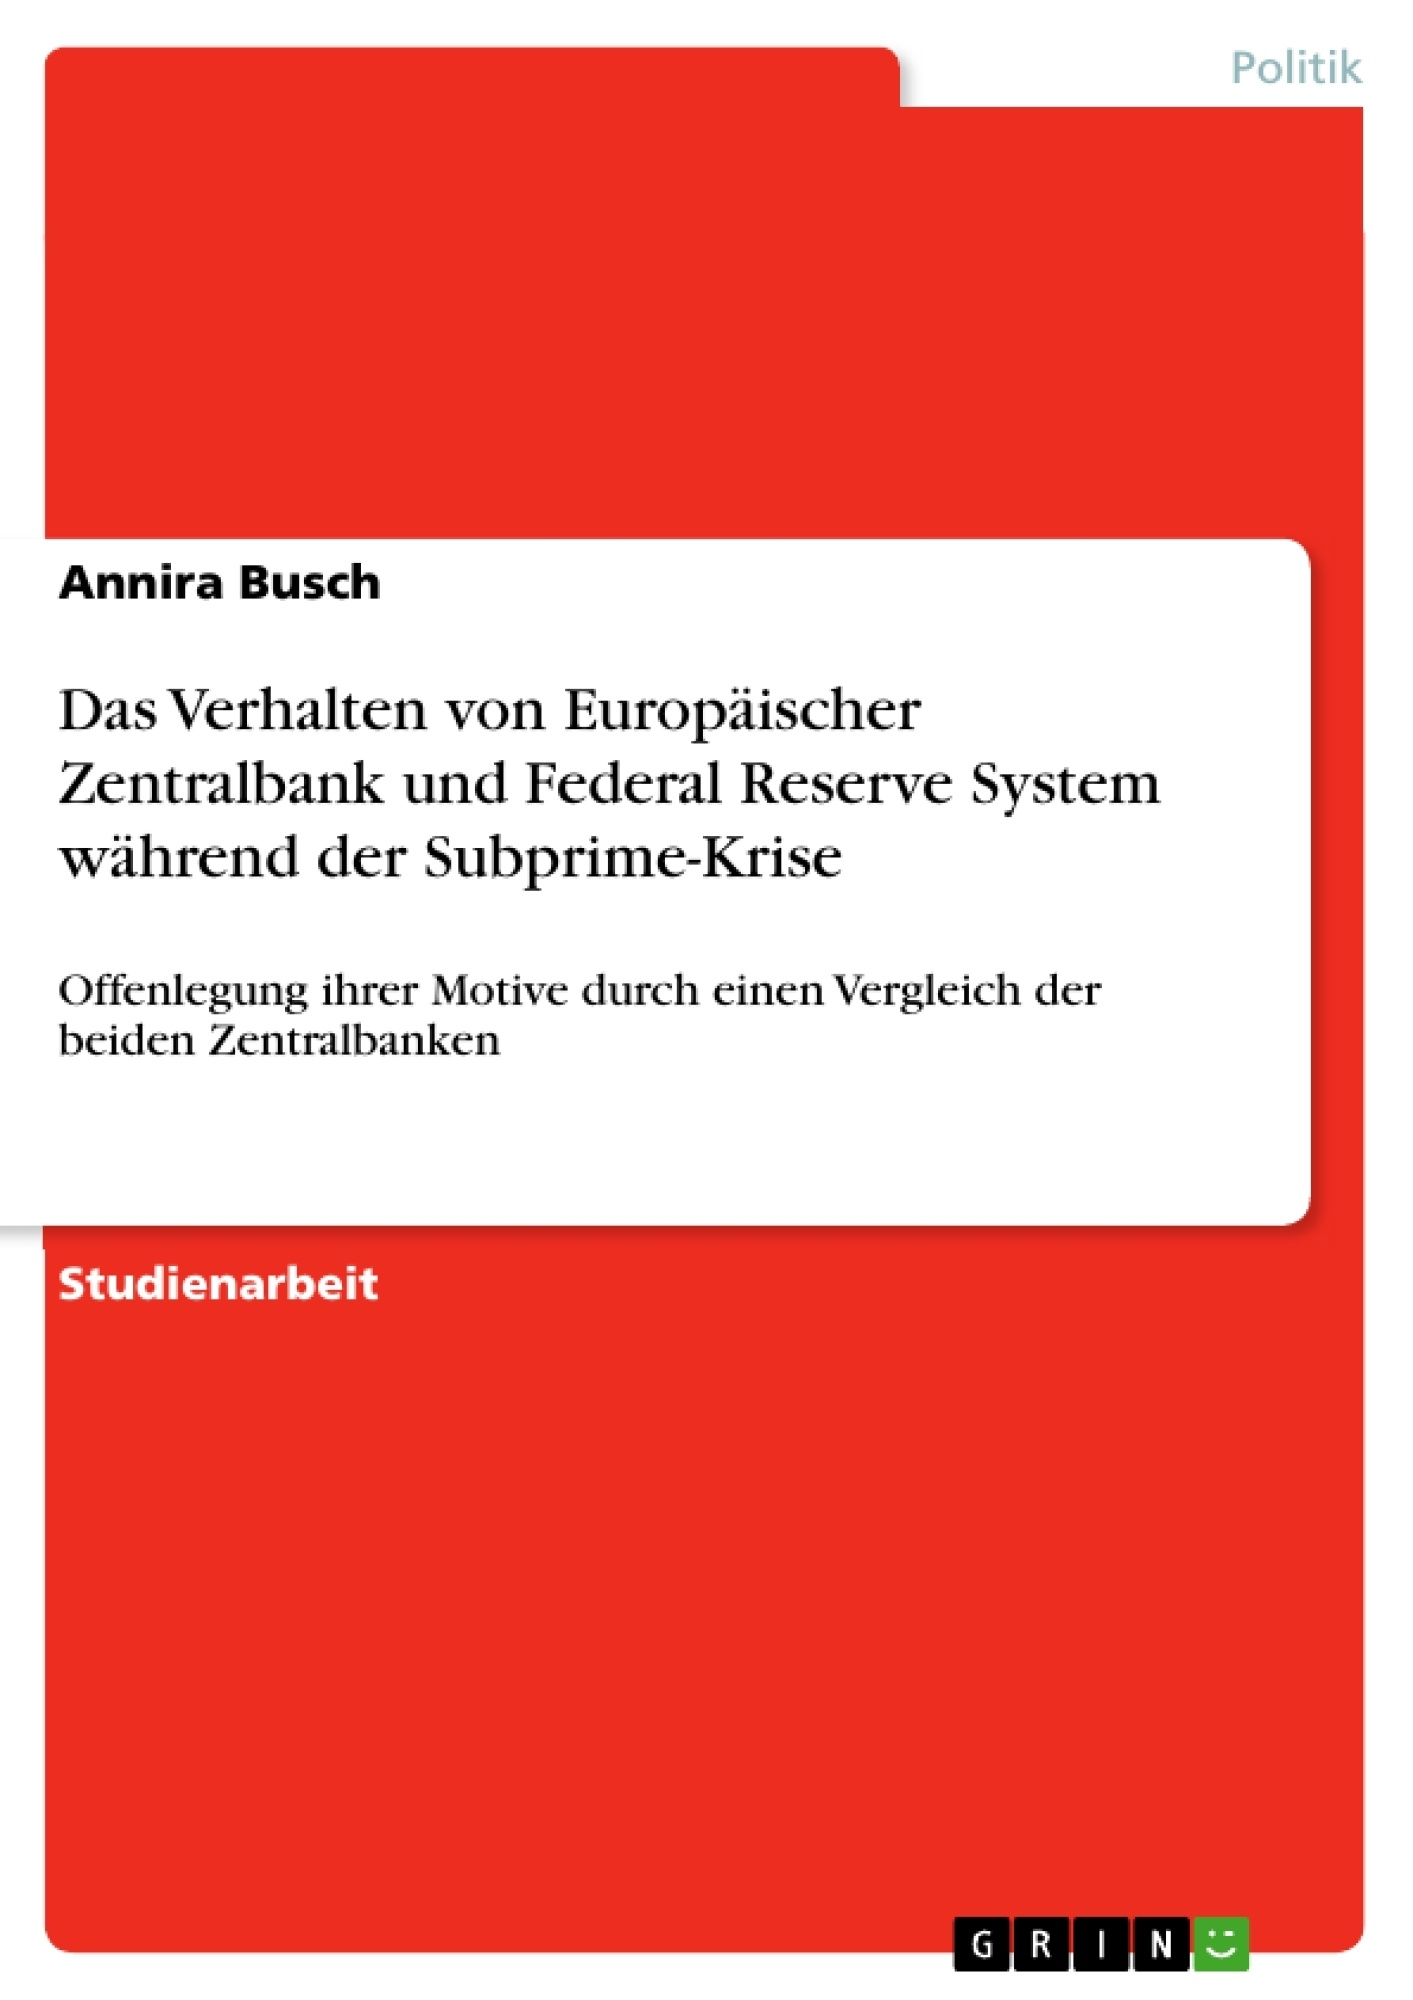 Titel: Das Verhalten von Europäischer Zentralbank und Federal Reserve System während der Subprime-Krise